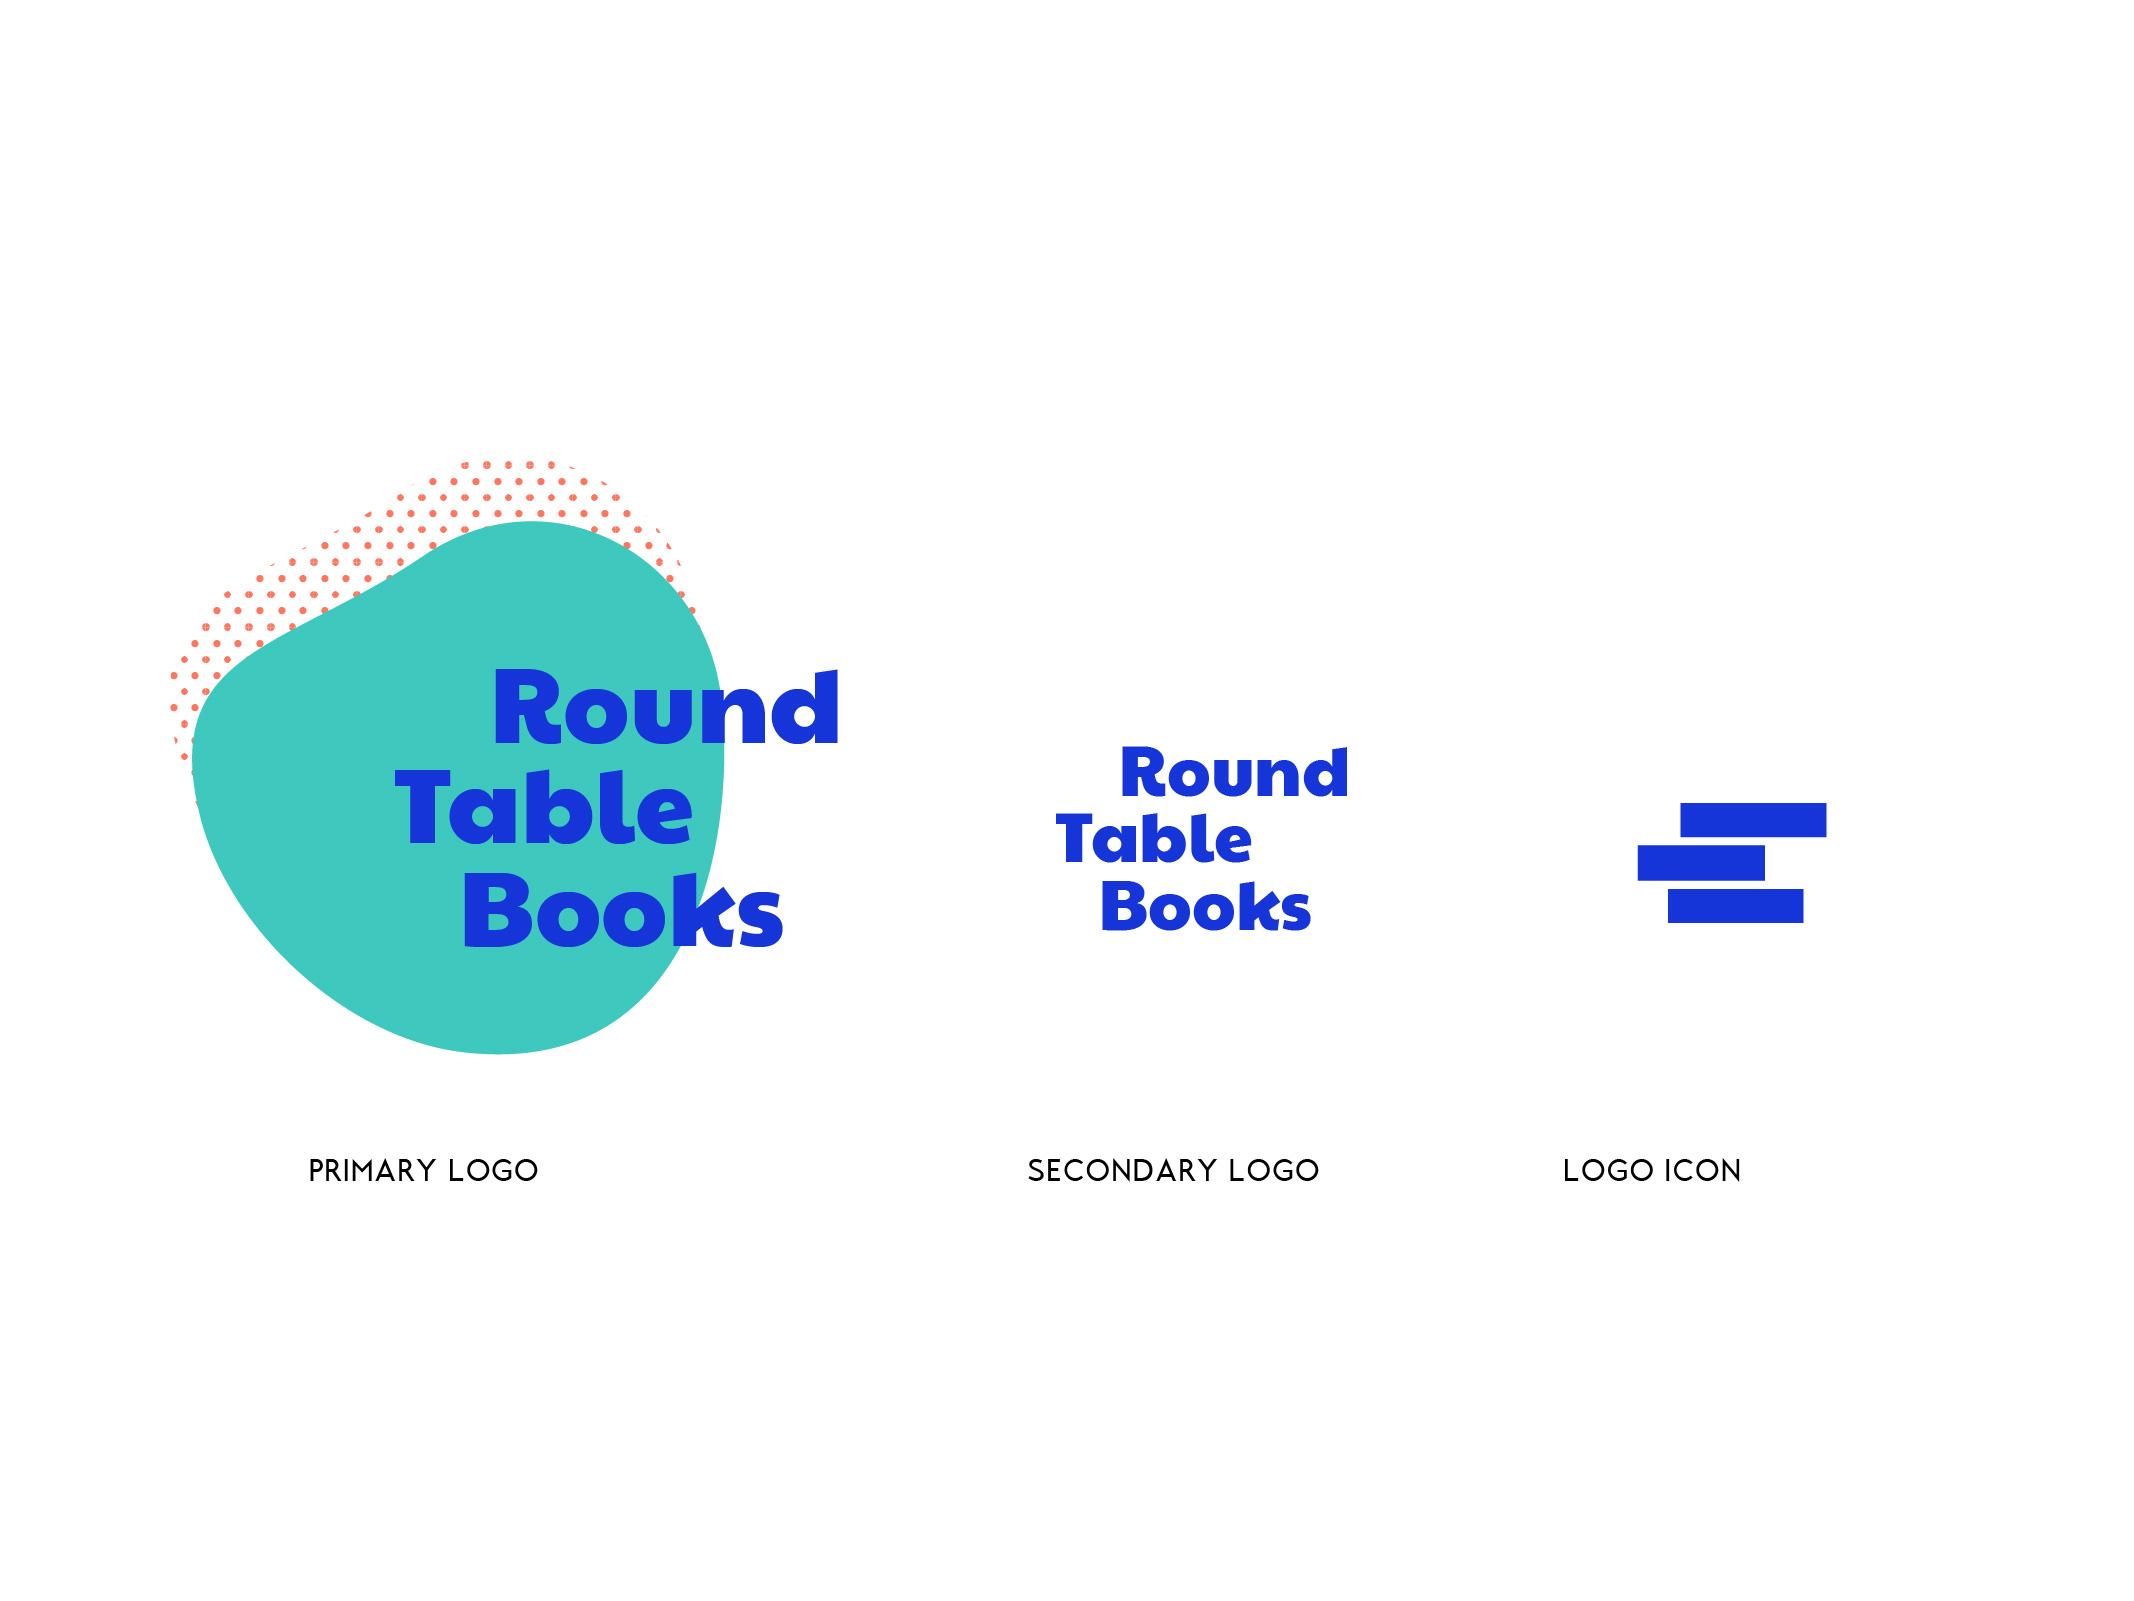 RoundTableBooks-Branding-Marssaie-Studio-12.jpg